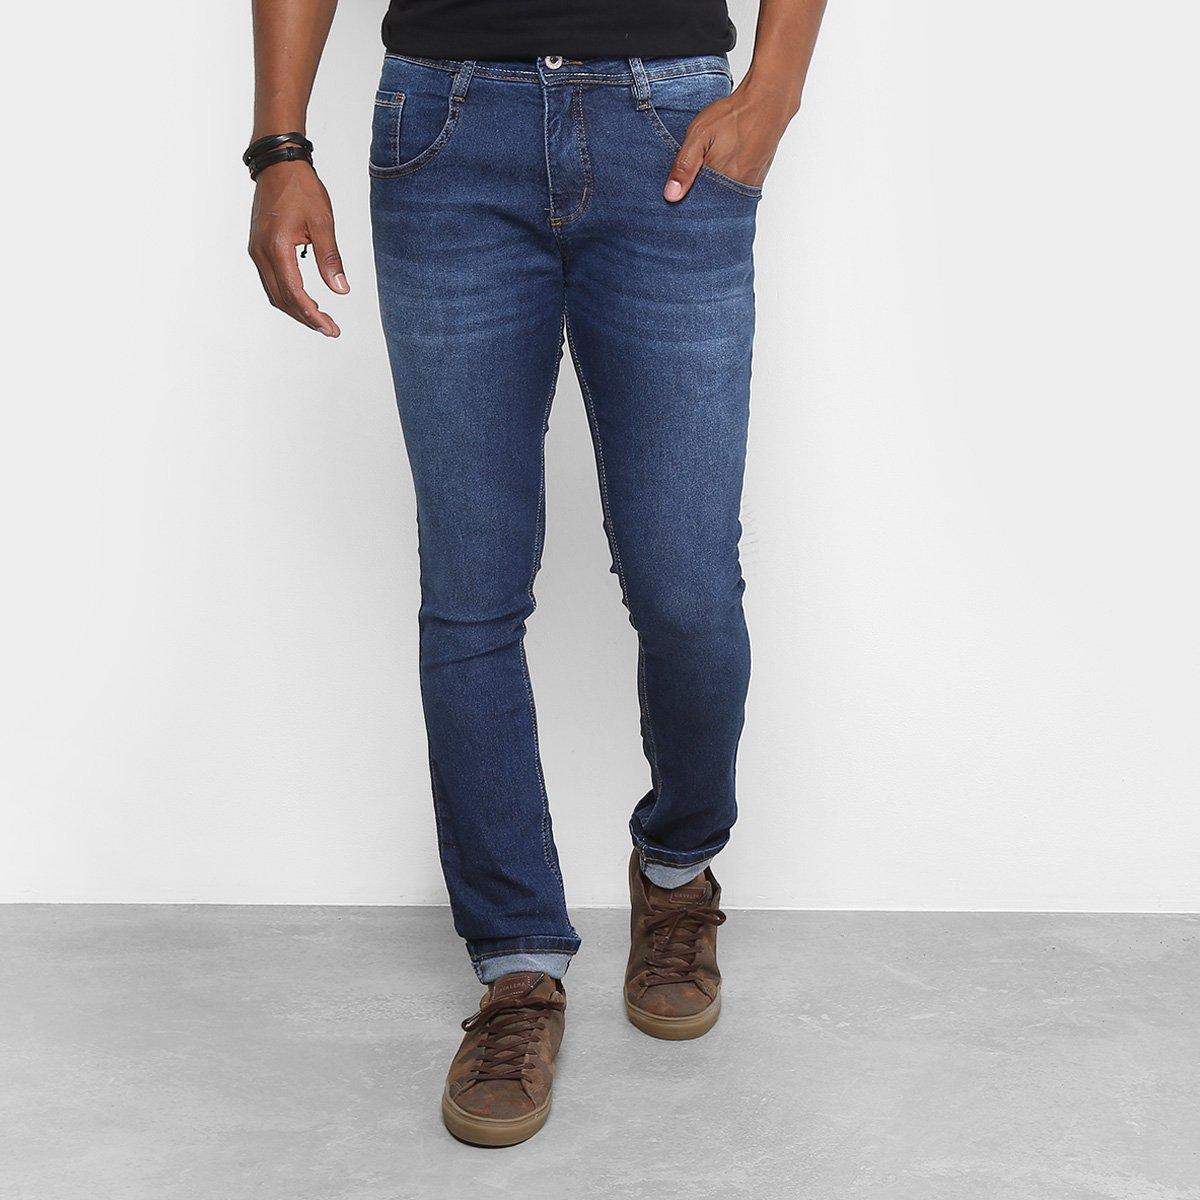 21b23c74a Calça Jeans Skinny Biotipo Masculina